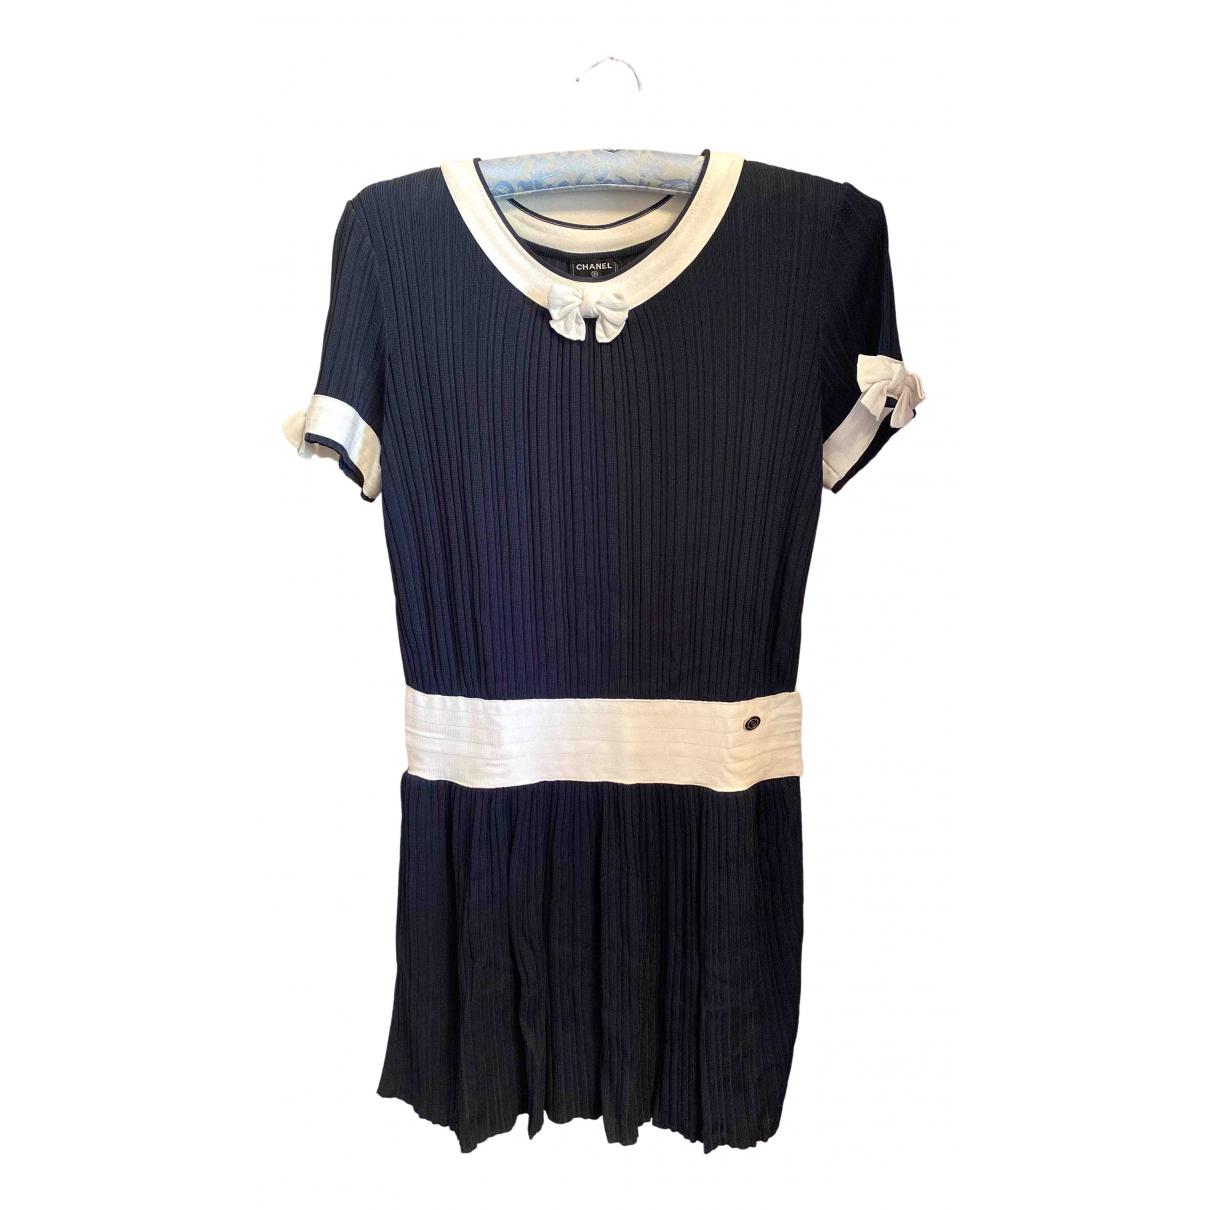 Chanel \N Navy dress for Women 36 FR